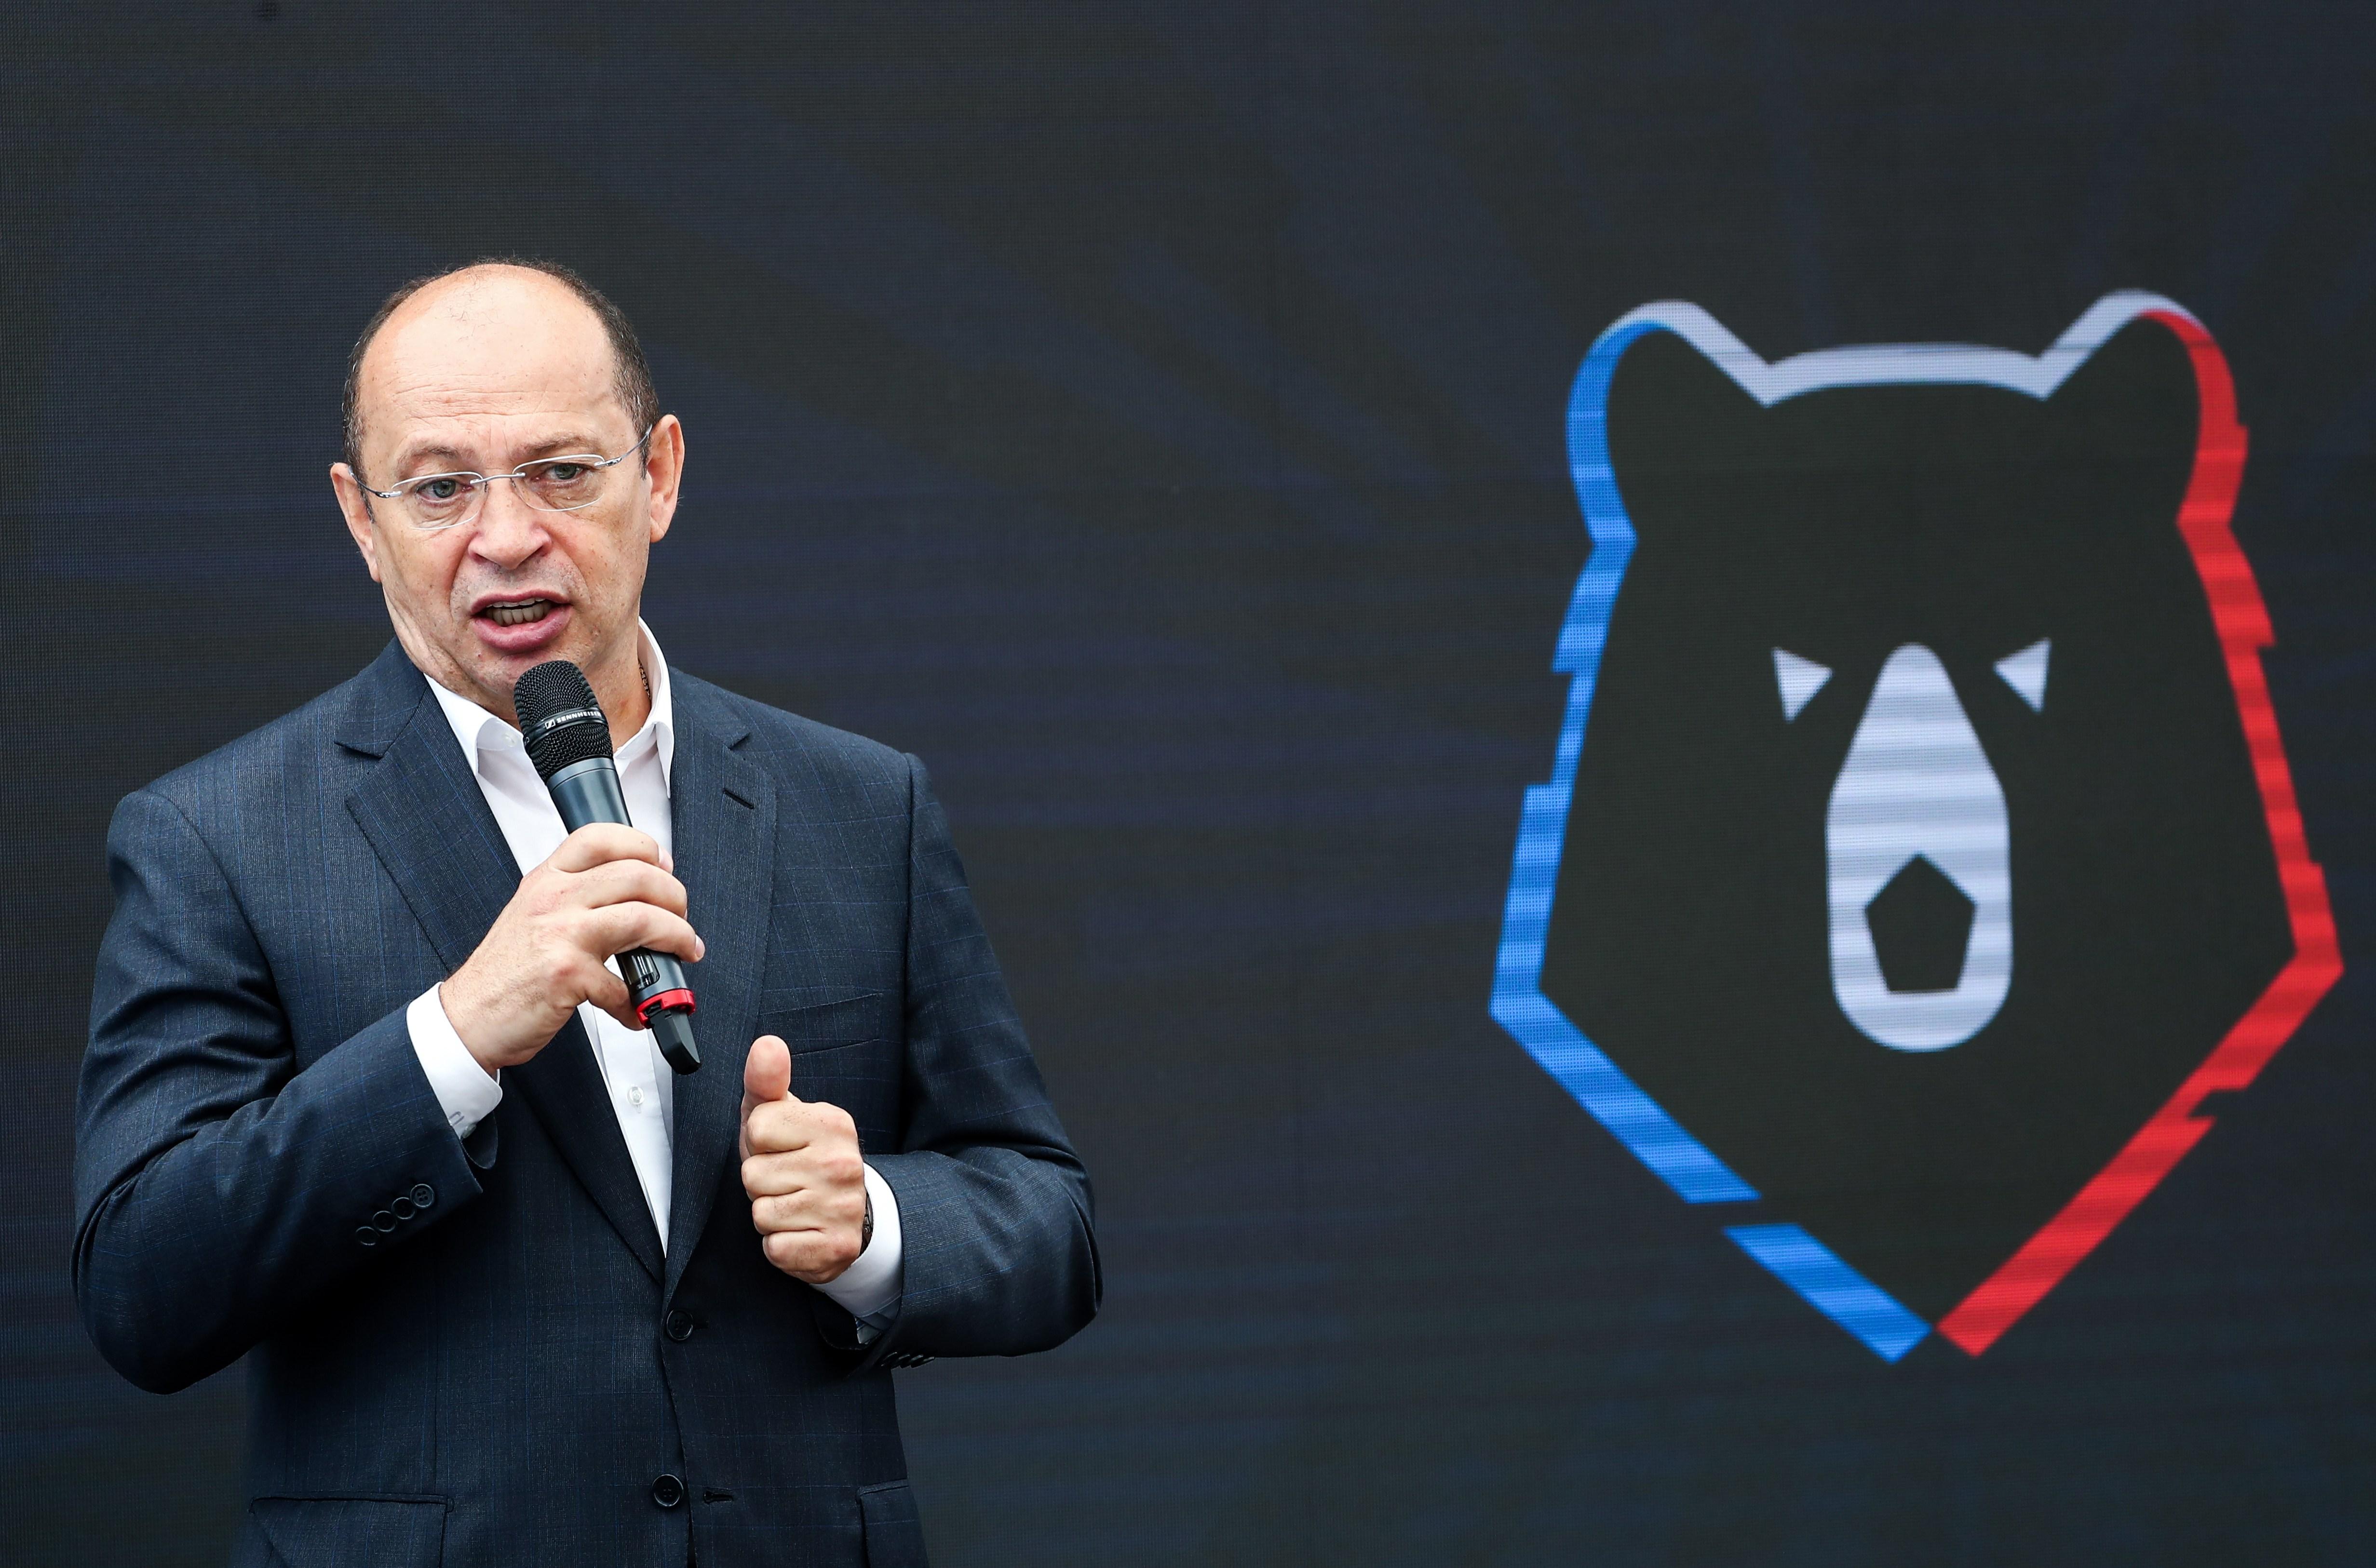 Сергей Прядкин во времяпрезентации нового бренда РПЛ и логотипа футбольного турнира